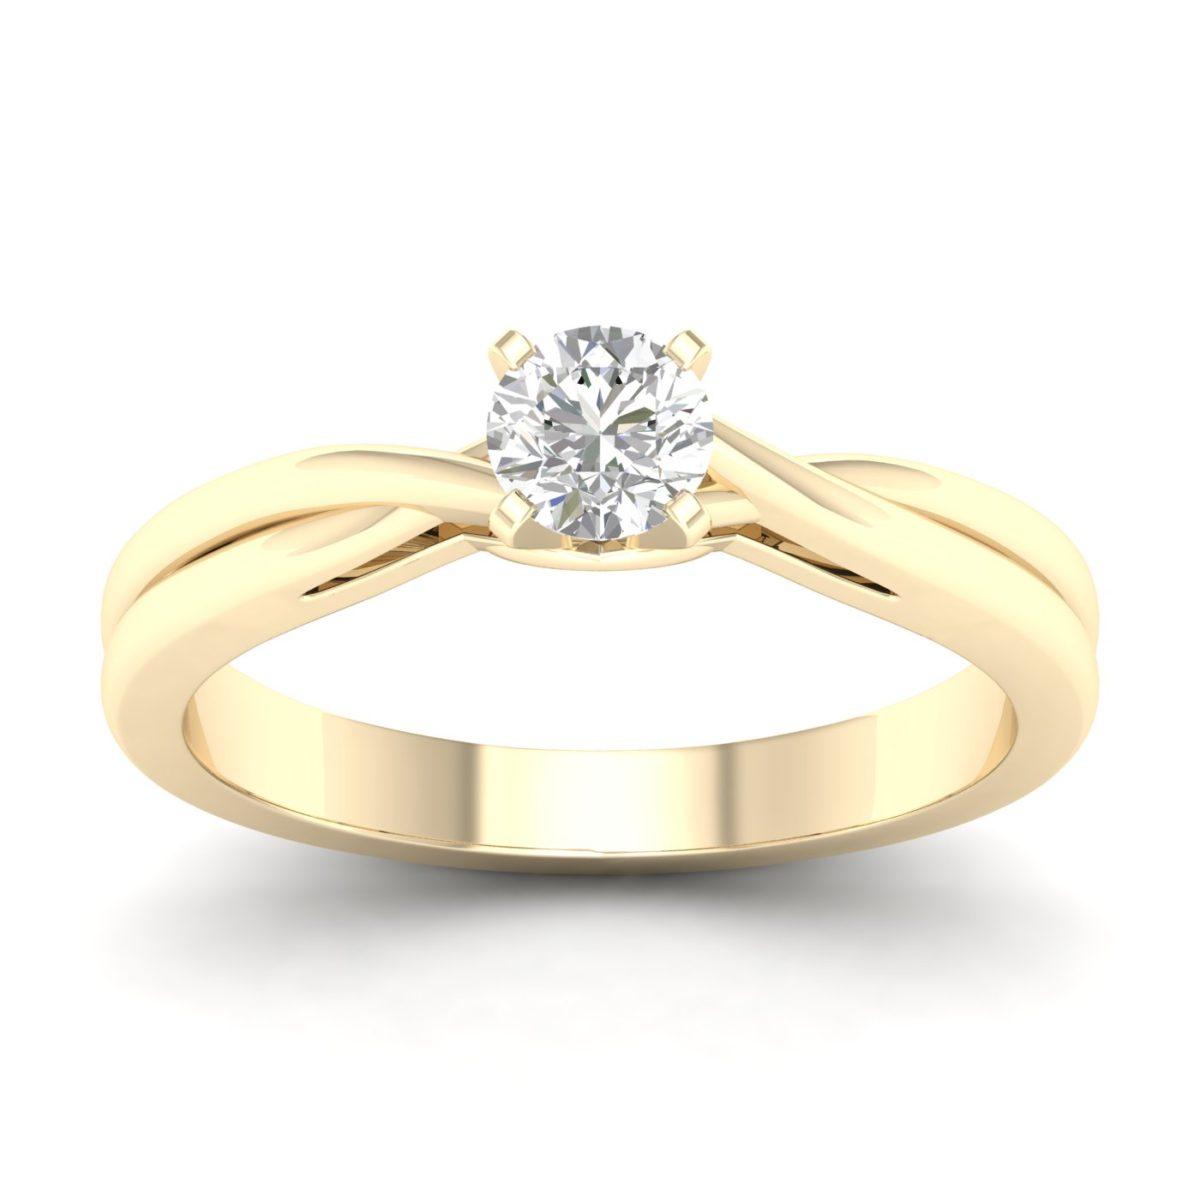 Kullast sõrmus teemantiga 0,33 ct. Kood: 26hb